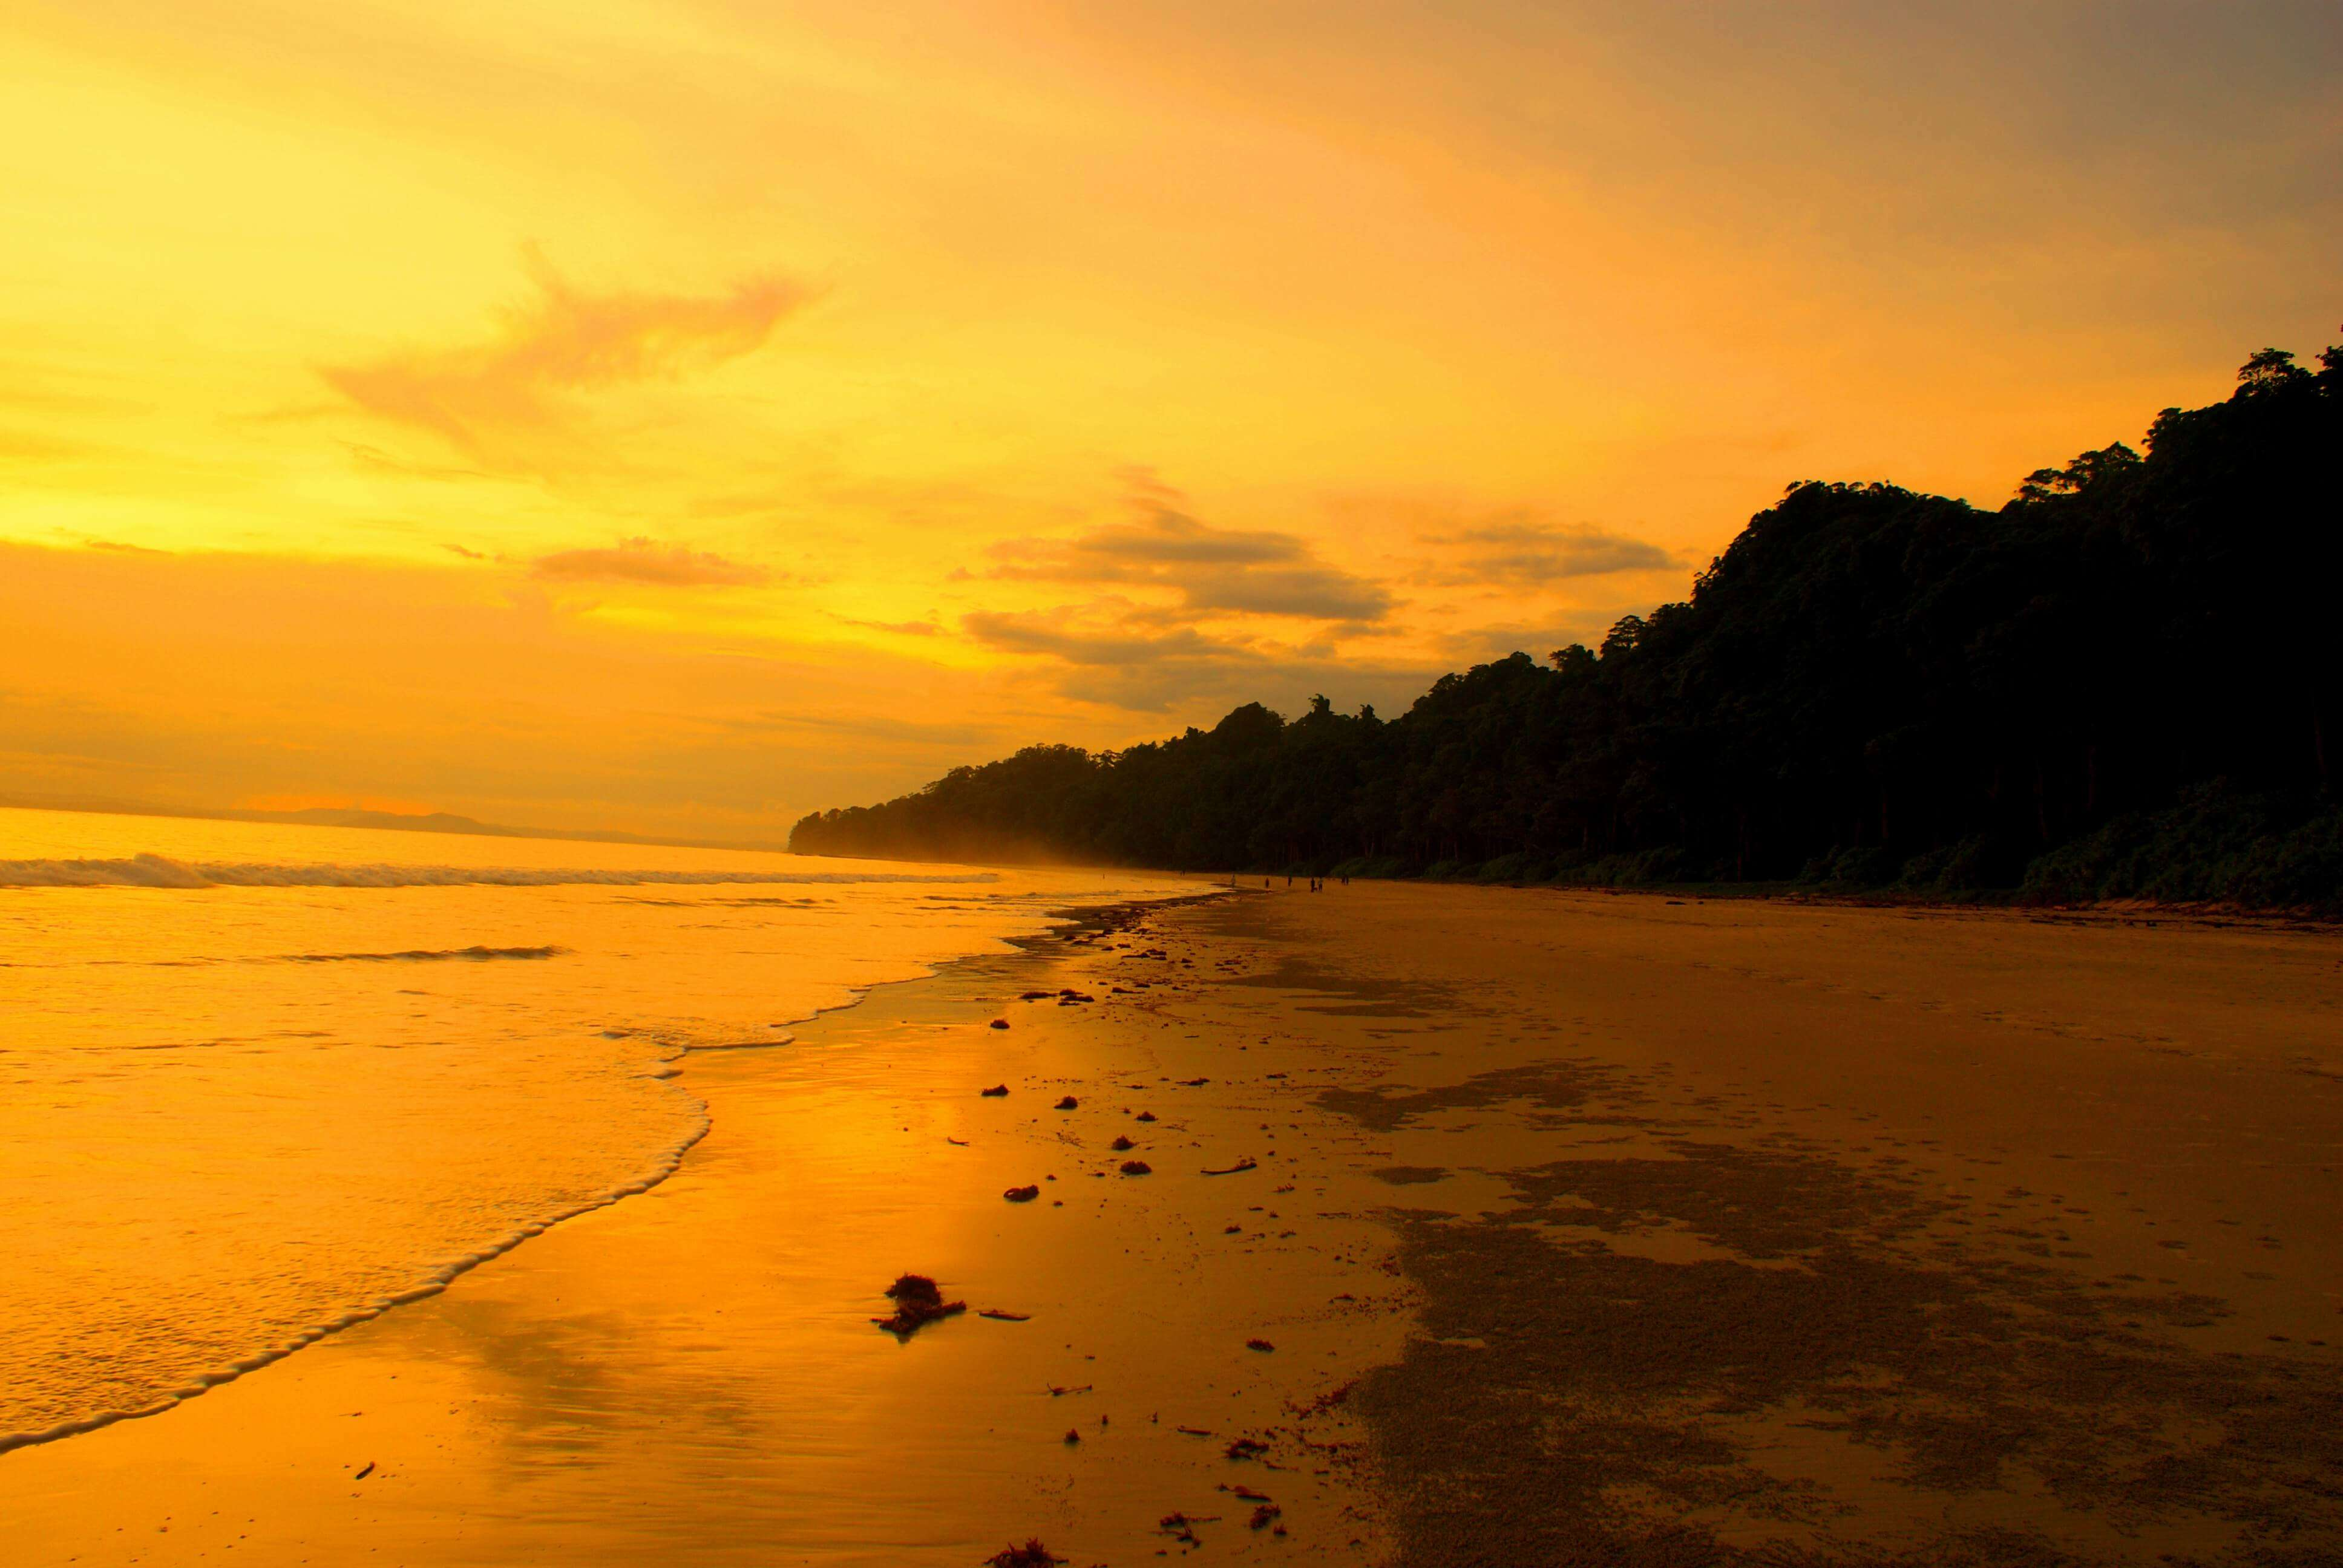 beautiful sunset at Radhanagar beach in Havelock